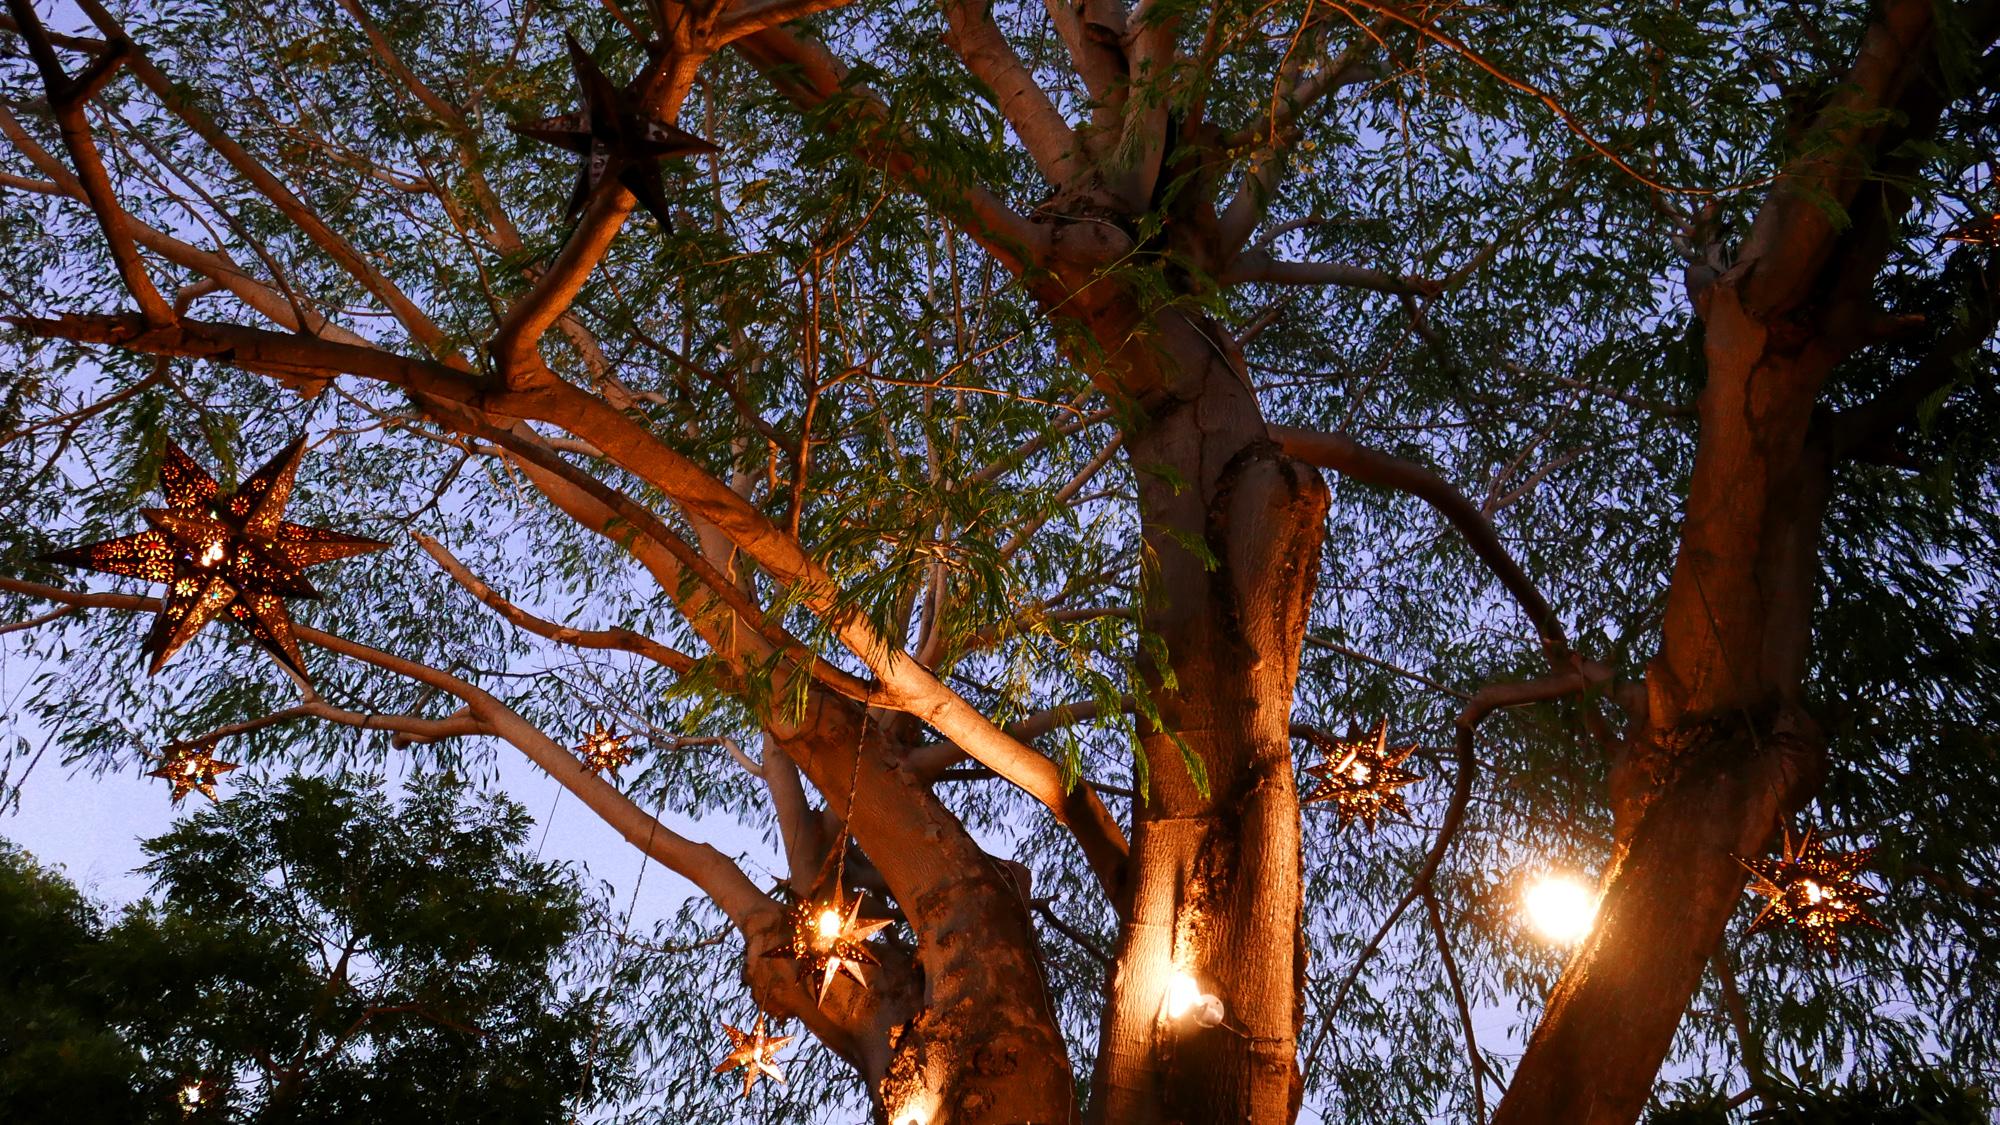 villas parota tree